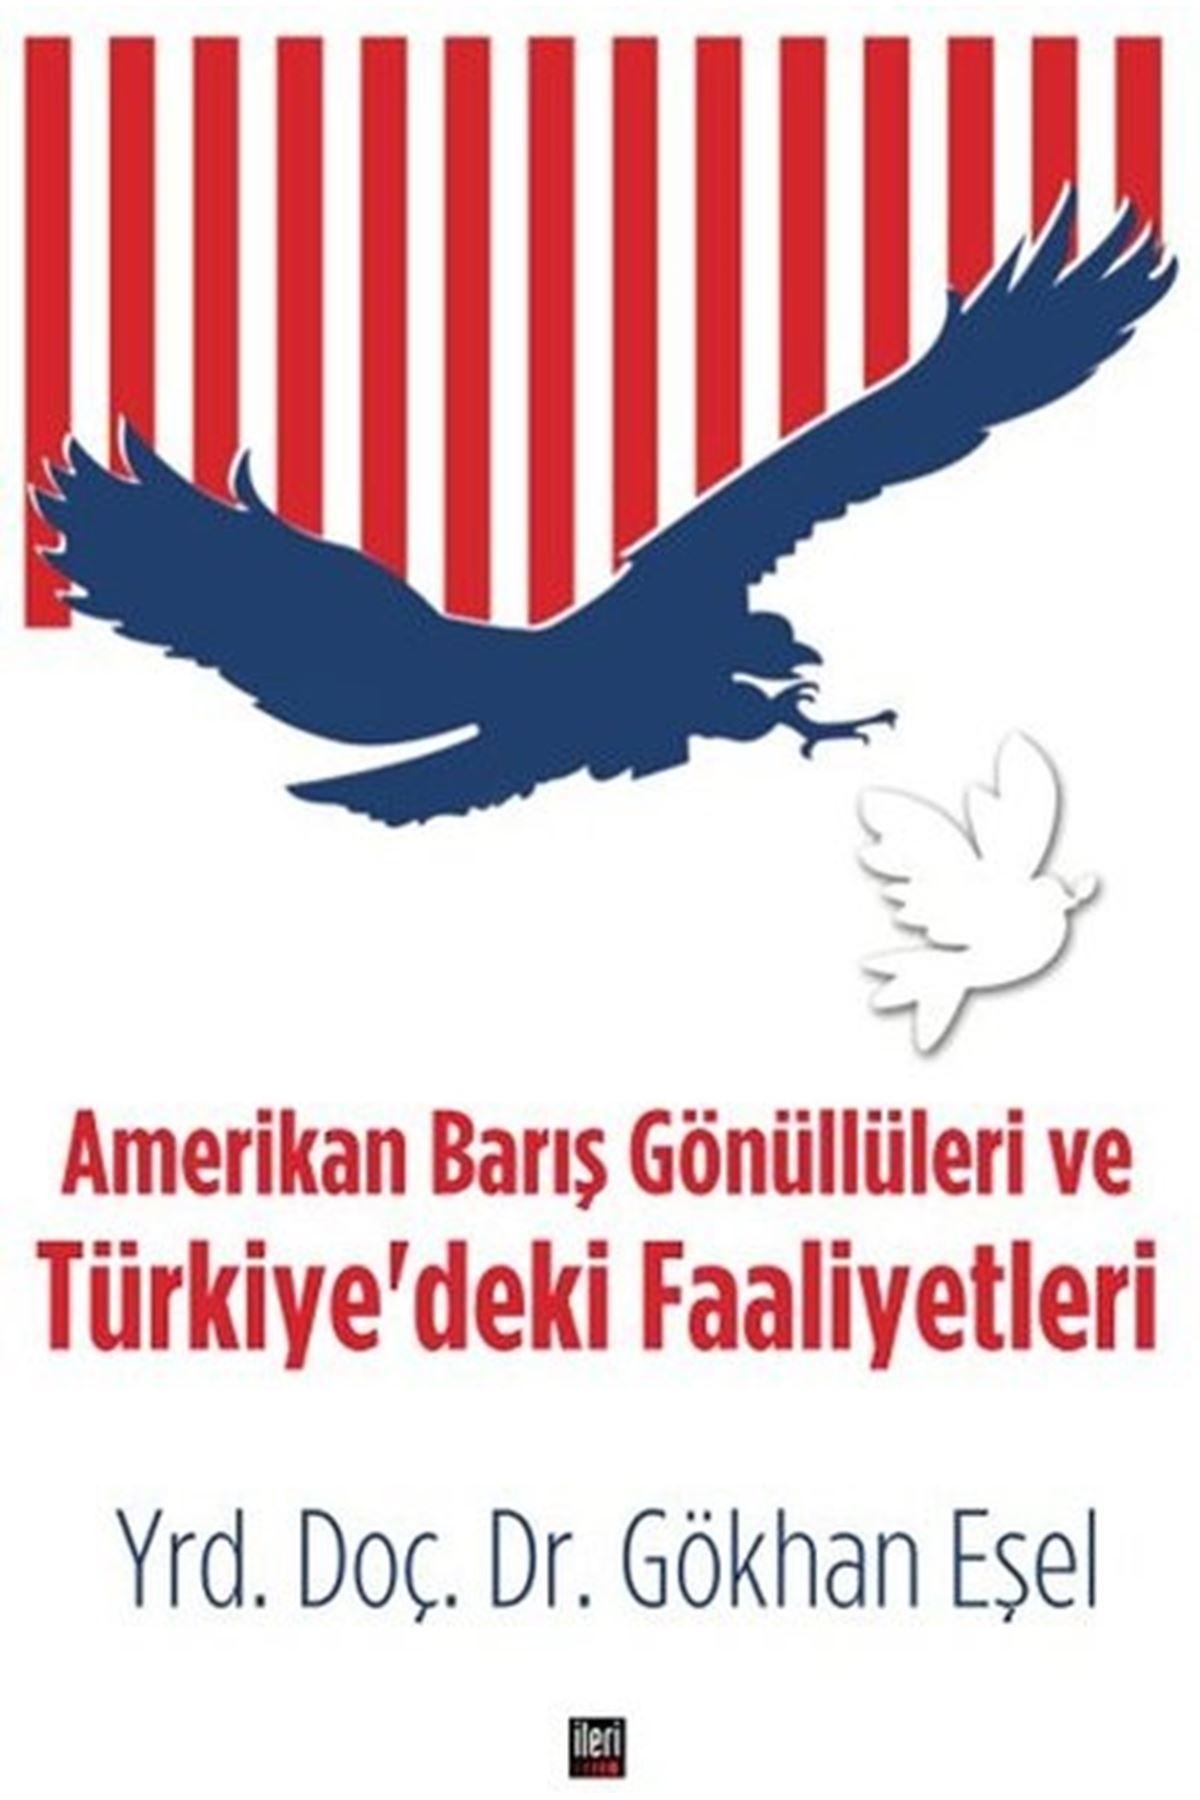 GÖKHAN EŞEL - AMERİKAN BARIŞ GÖNÜLLÜLERİ VE TÜRKİYE'DEKİ FAALİYETLERİ